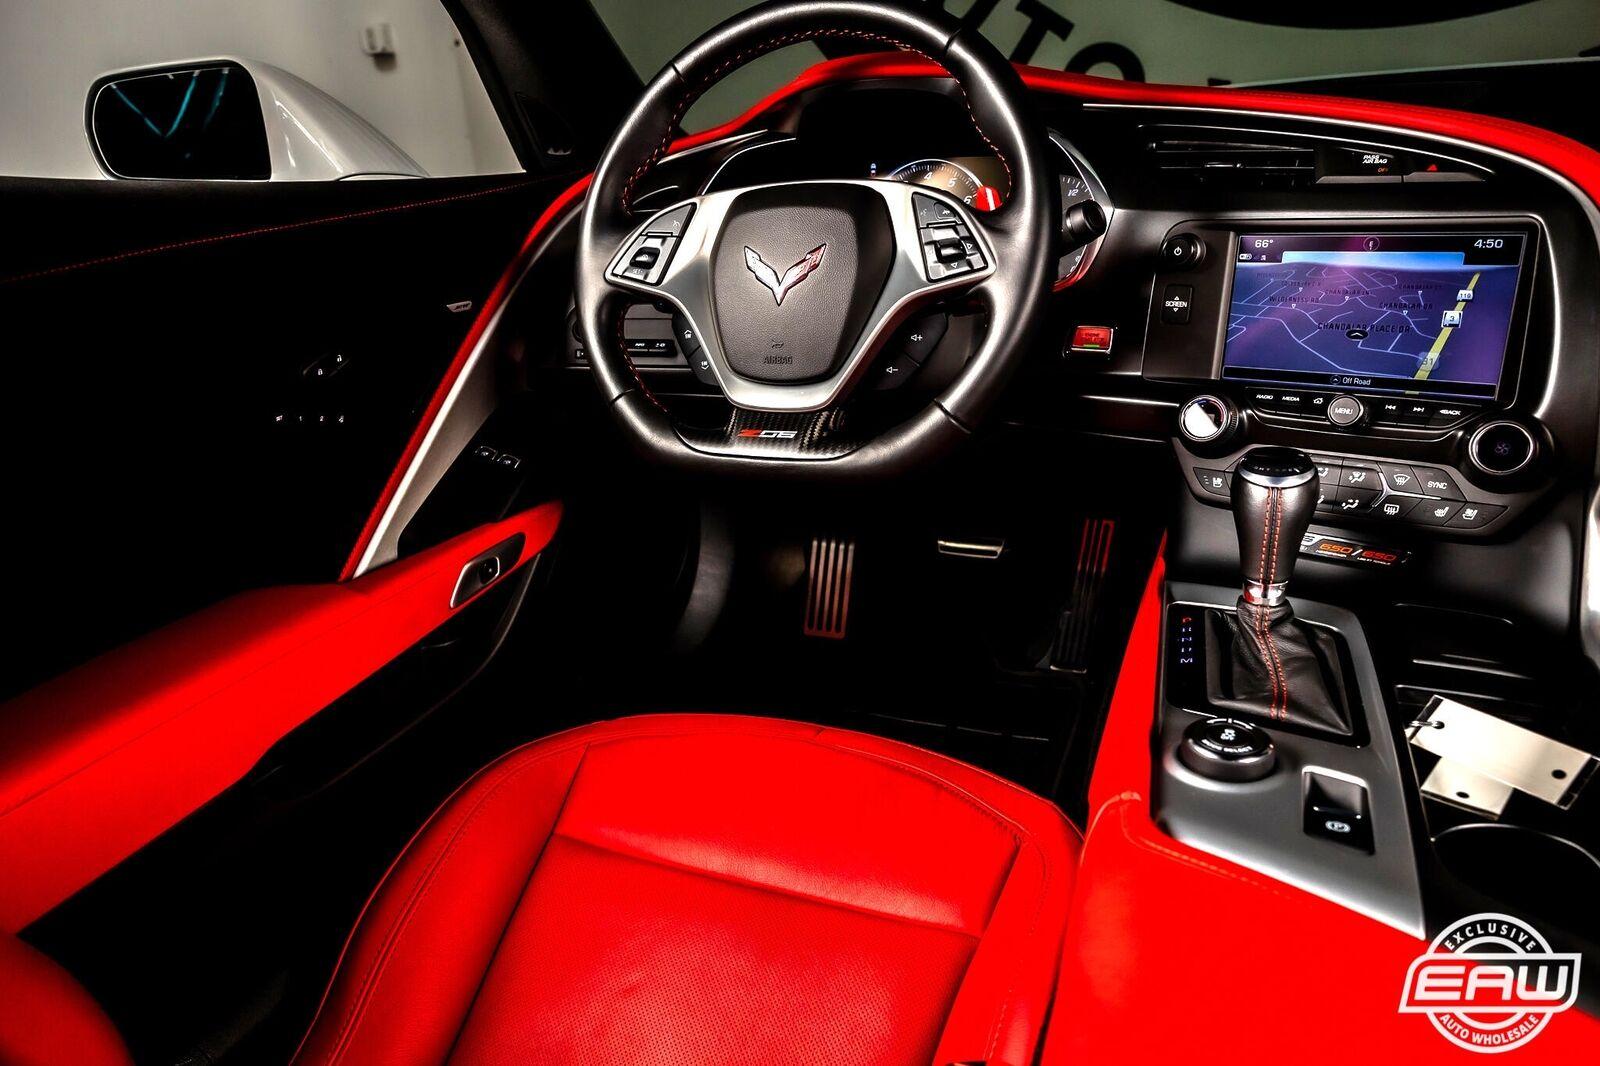 2019 White Chevrolet Corvette Z06 2LZ | C7 Corvette Photo 7